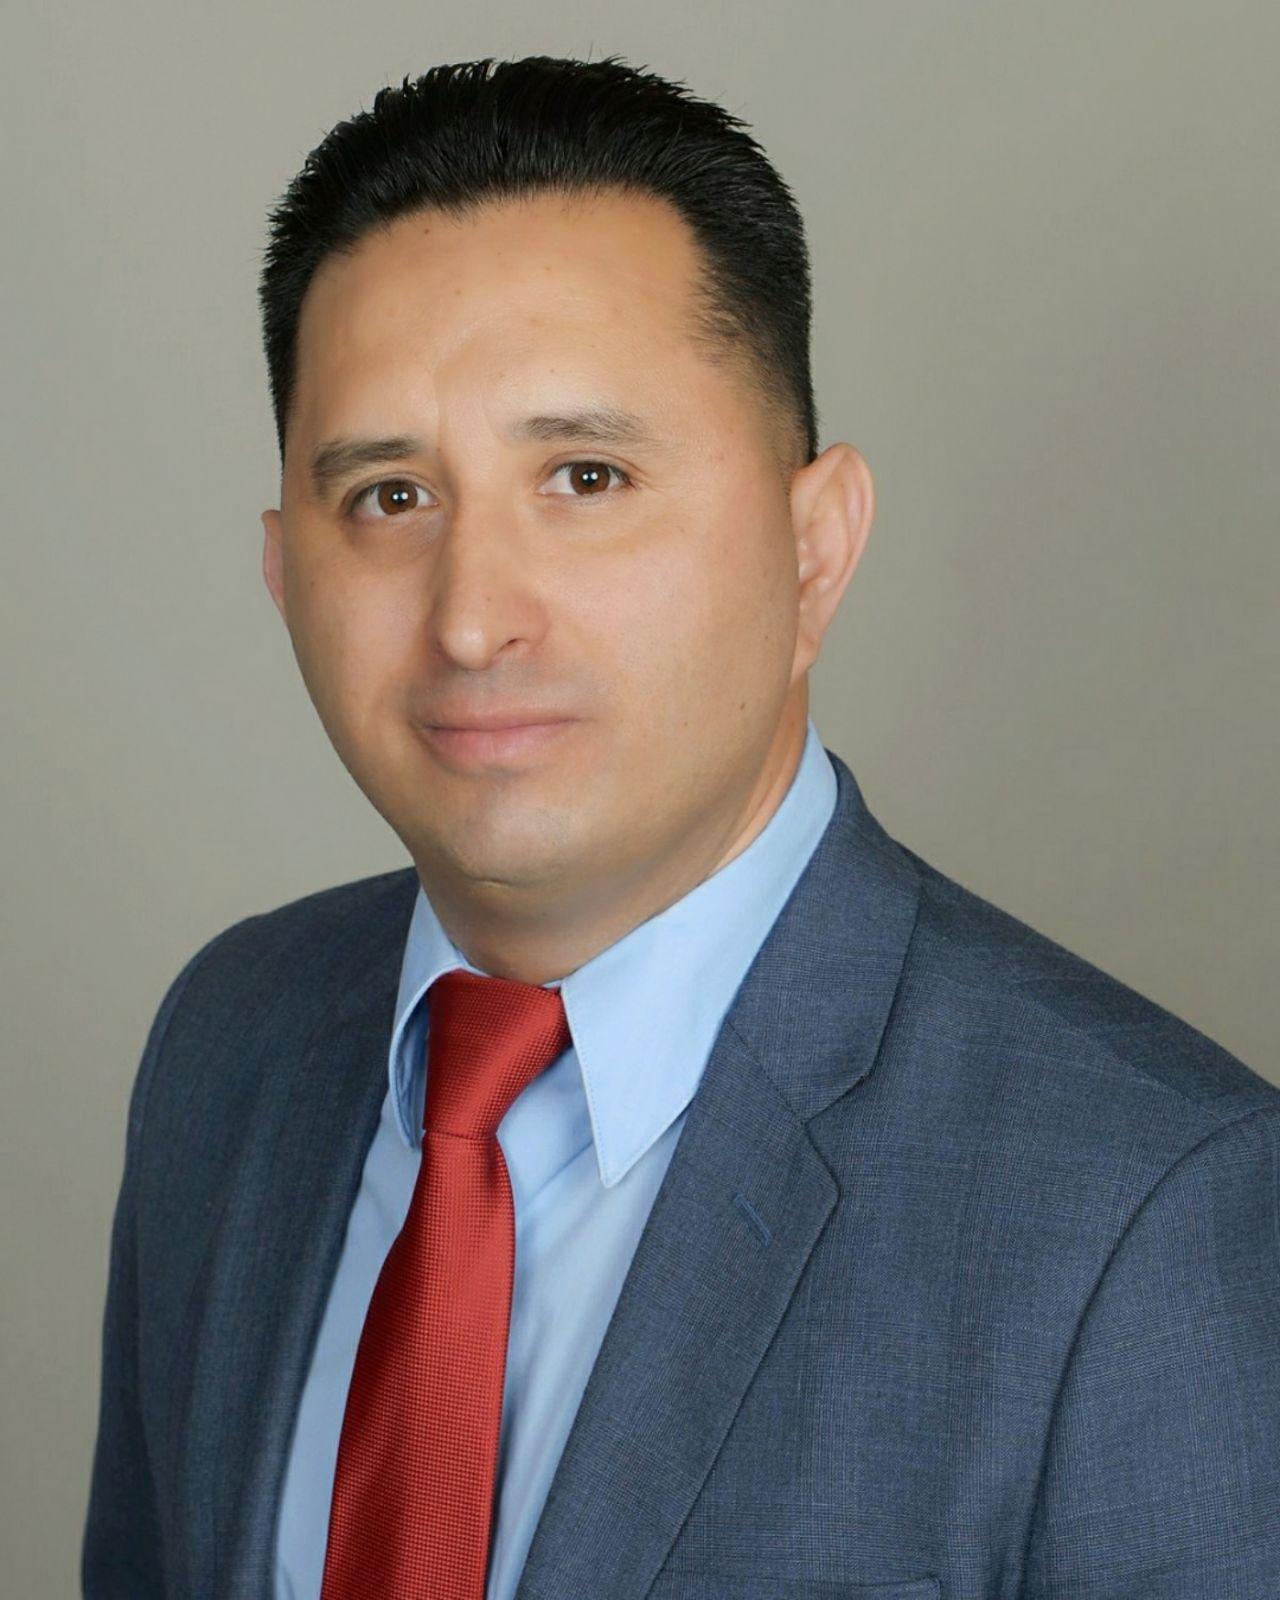 Edwing Guerra